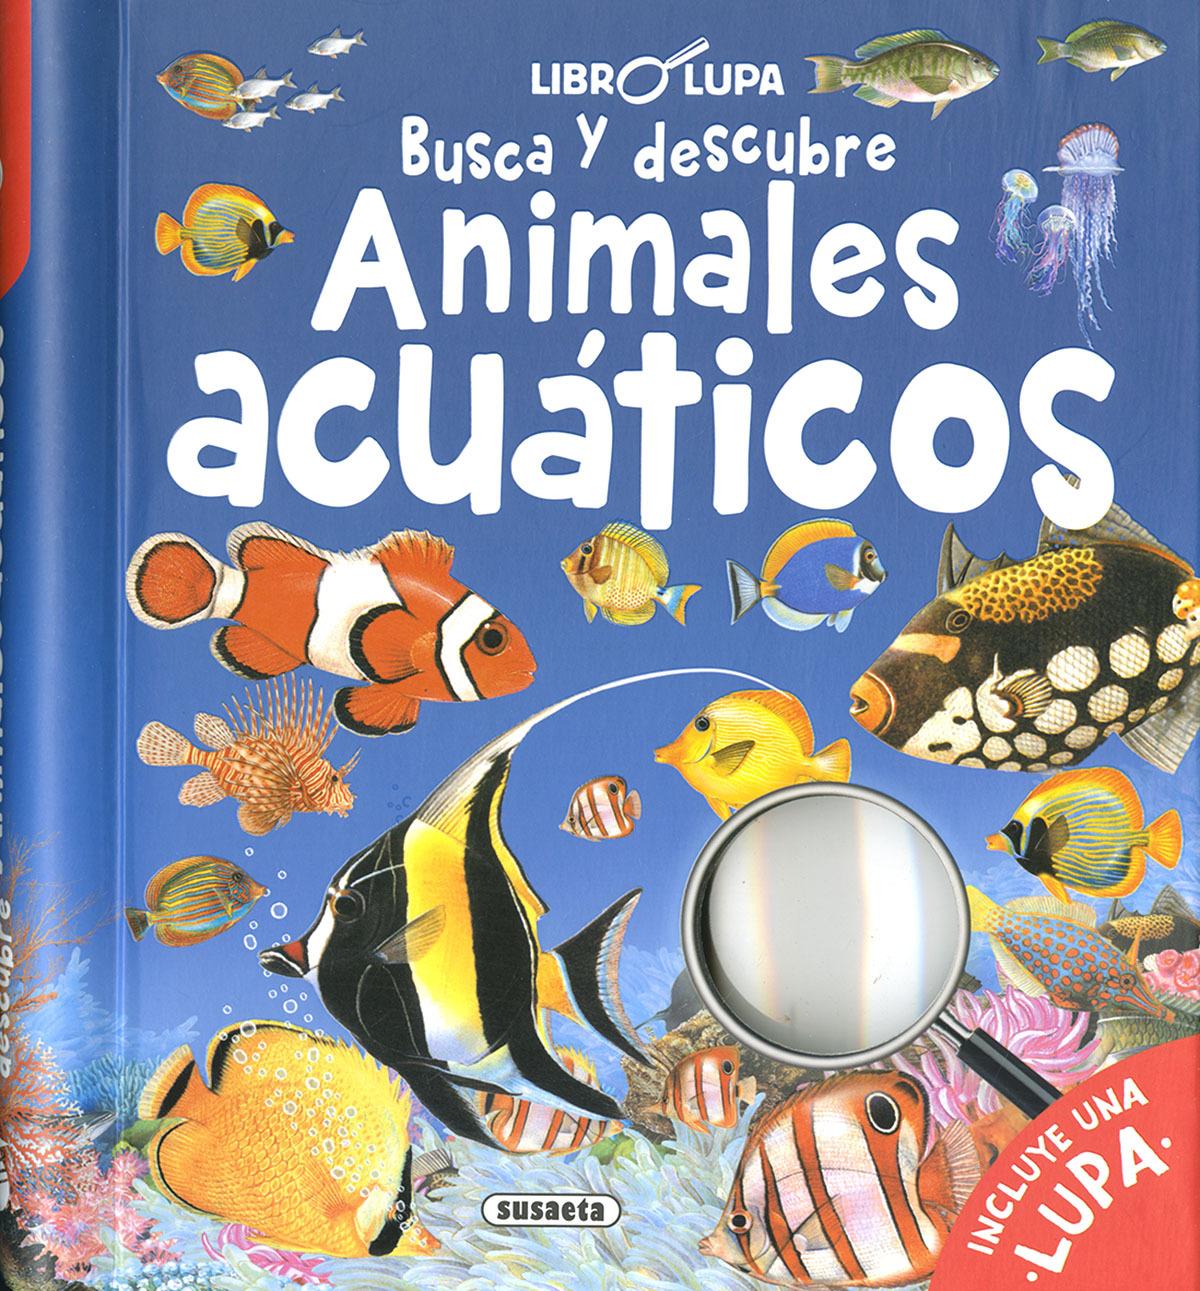 Busca y descubre animales acuáticos